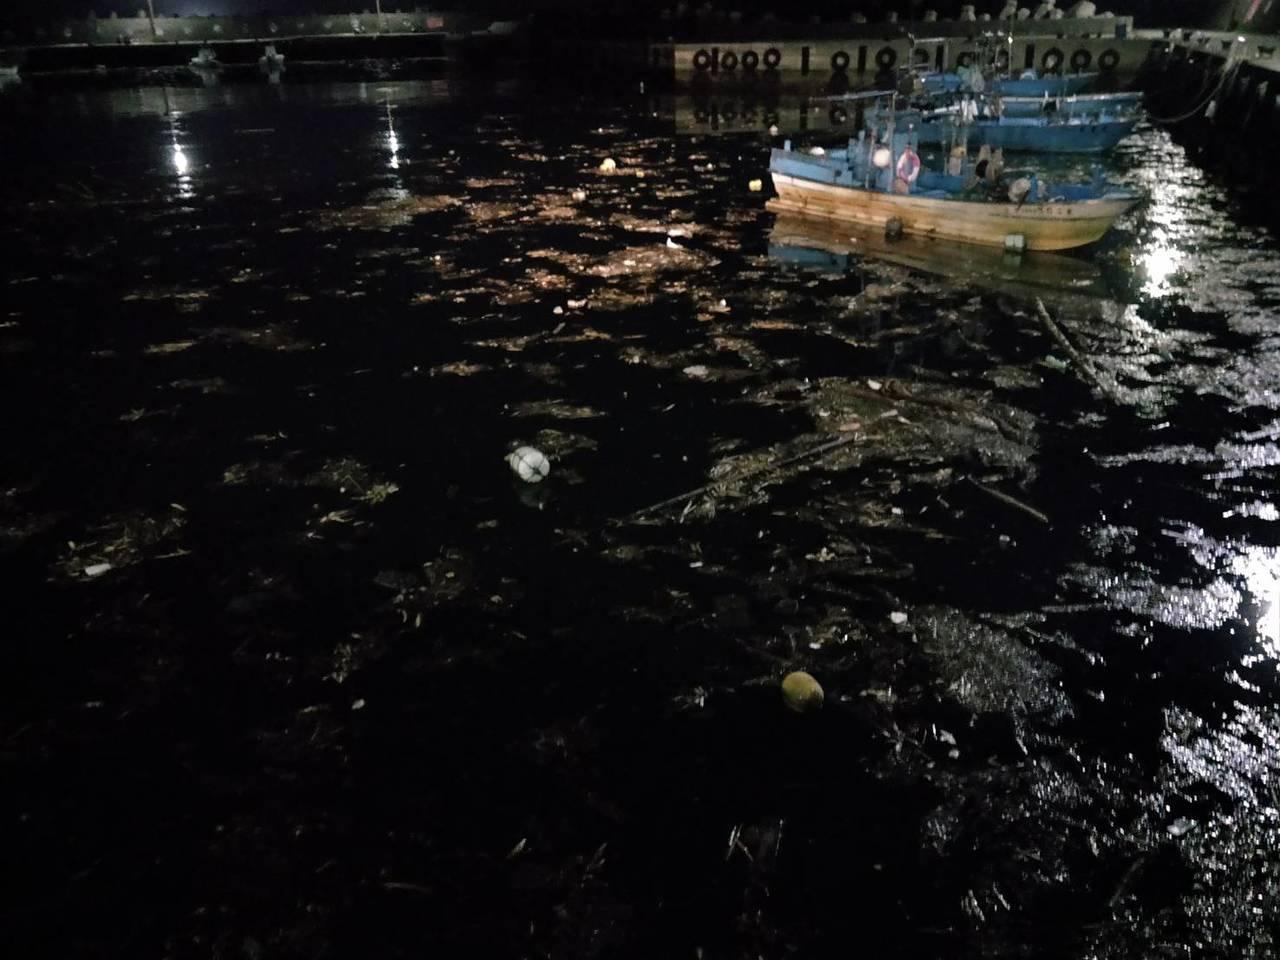 金山萬里靠岸海面,今天晚間出現大量垃圾,最嚴重的是水尾漁港及一旁的沙灘。圖/郭慶...